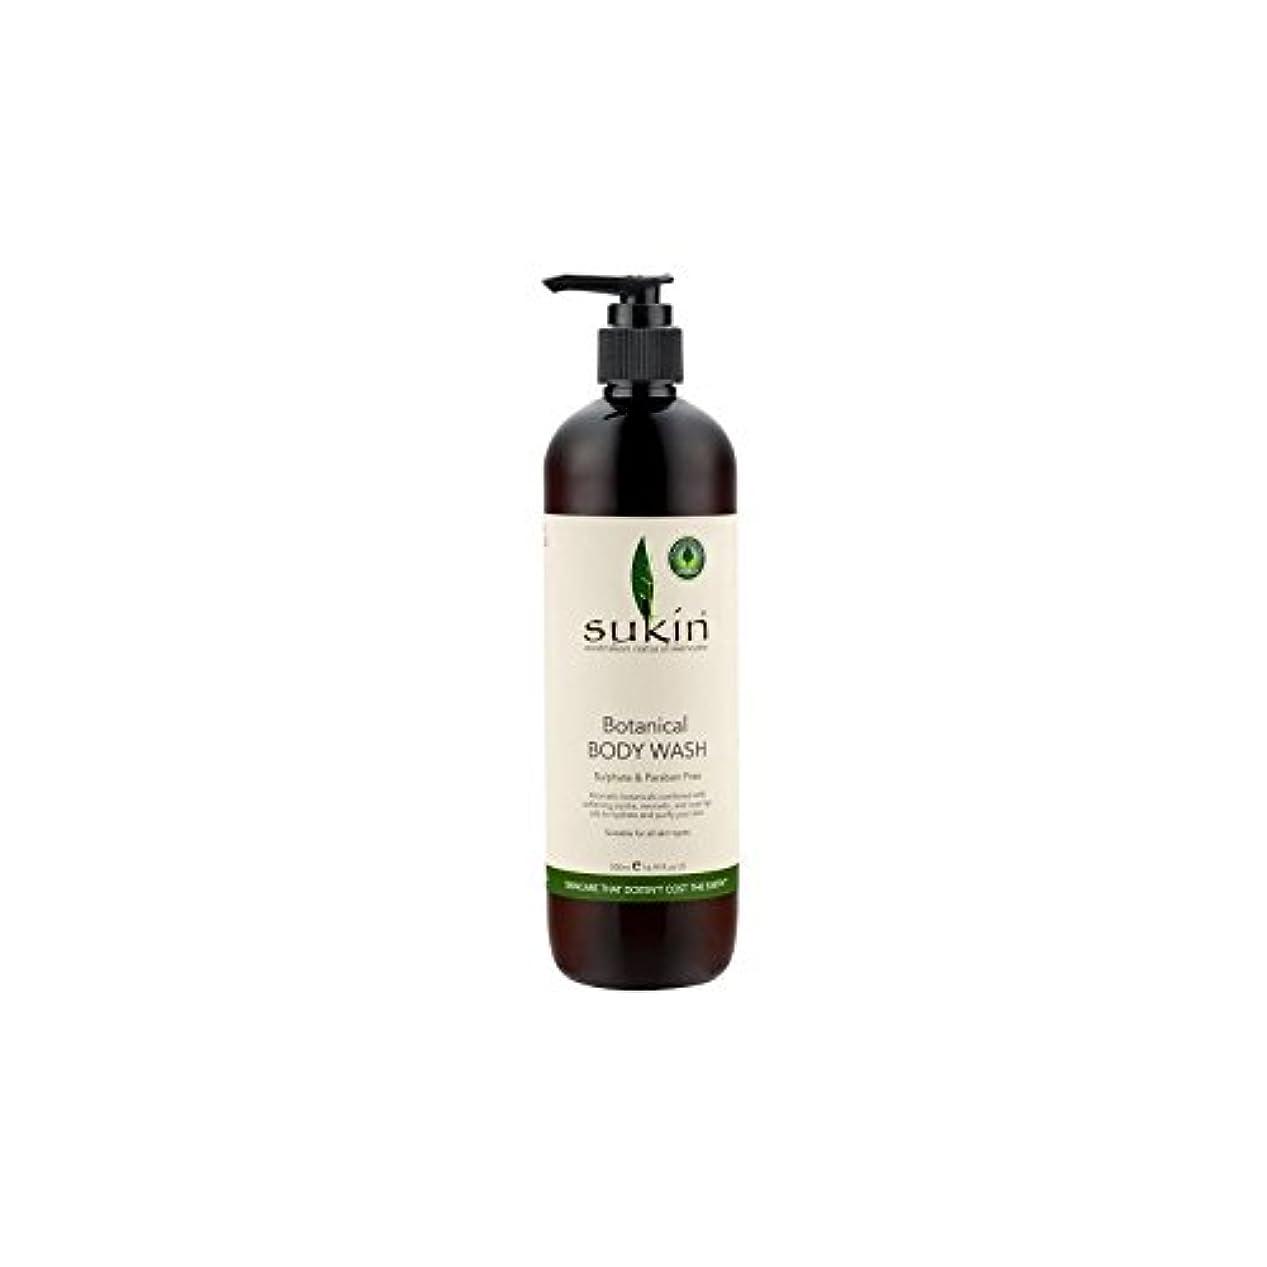 メール実行する護衛Sukin Botanical Body Wash (500ml) (Pack of 6) - 植物ボディウォッシュ(500ミリリットル) x6 [並行輸入品]